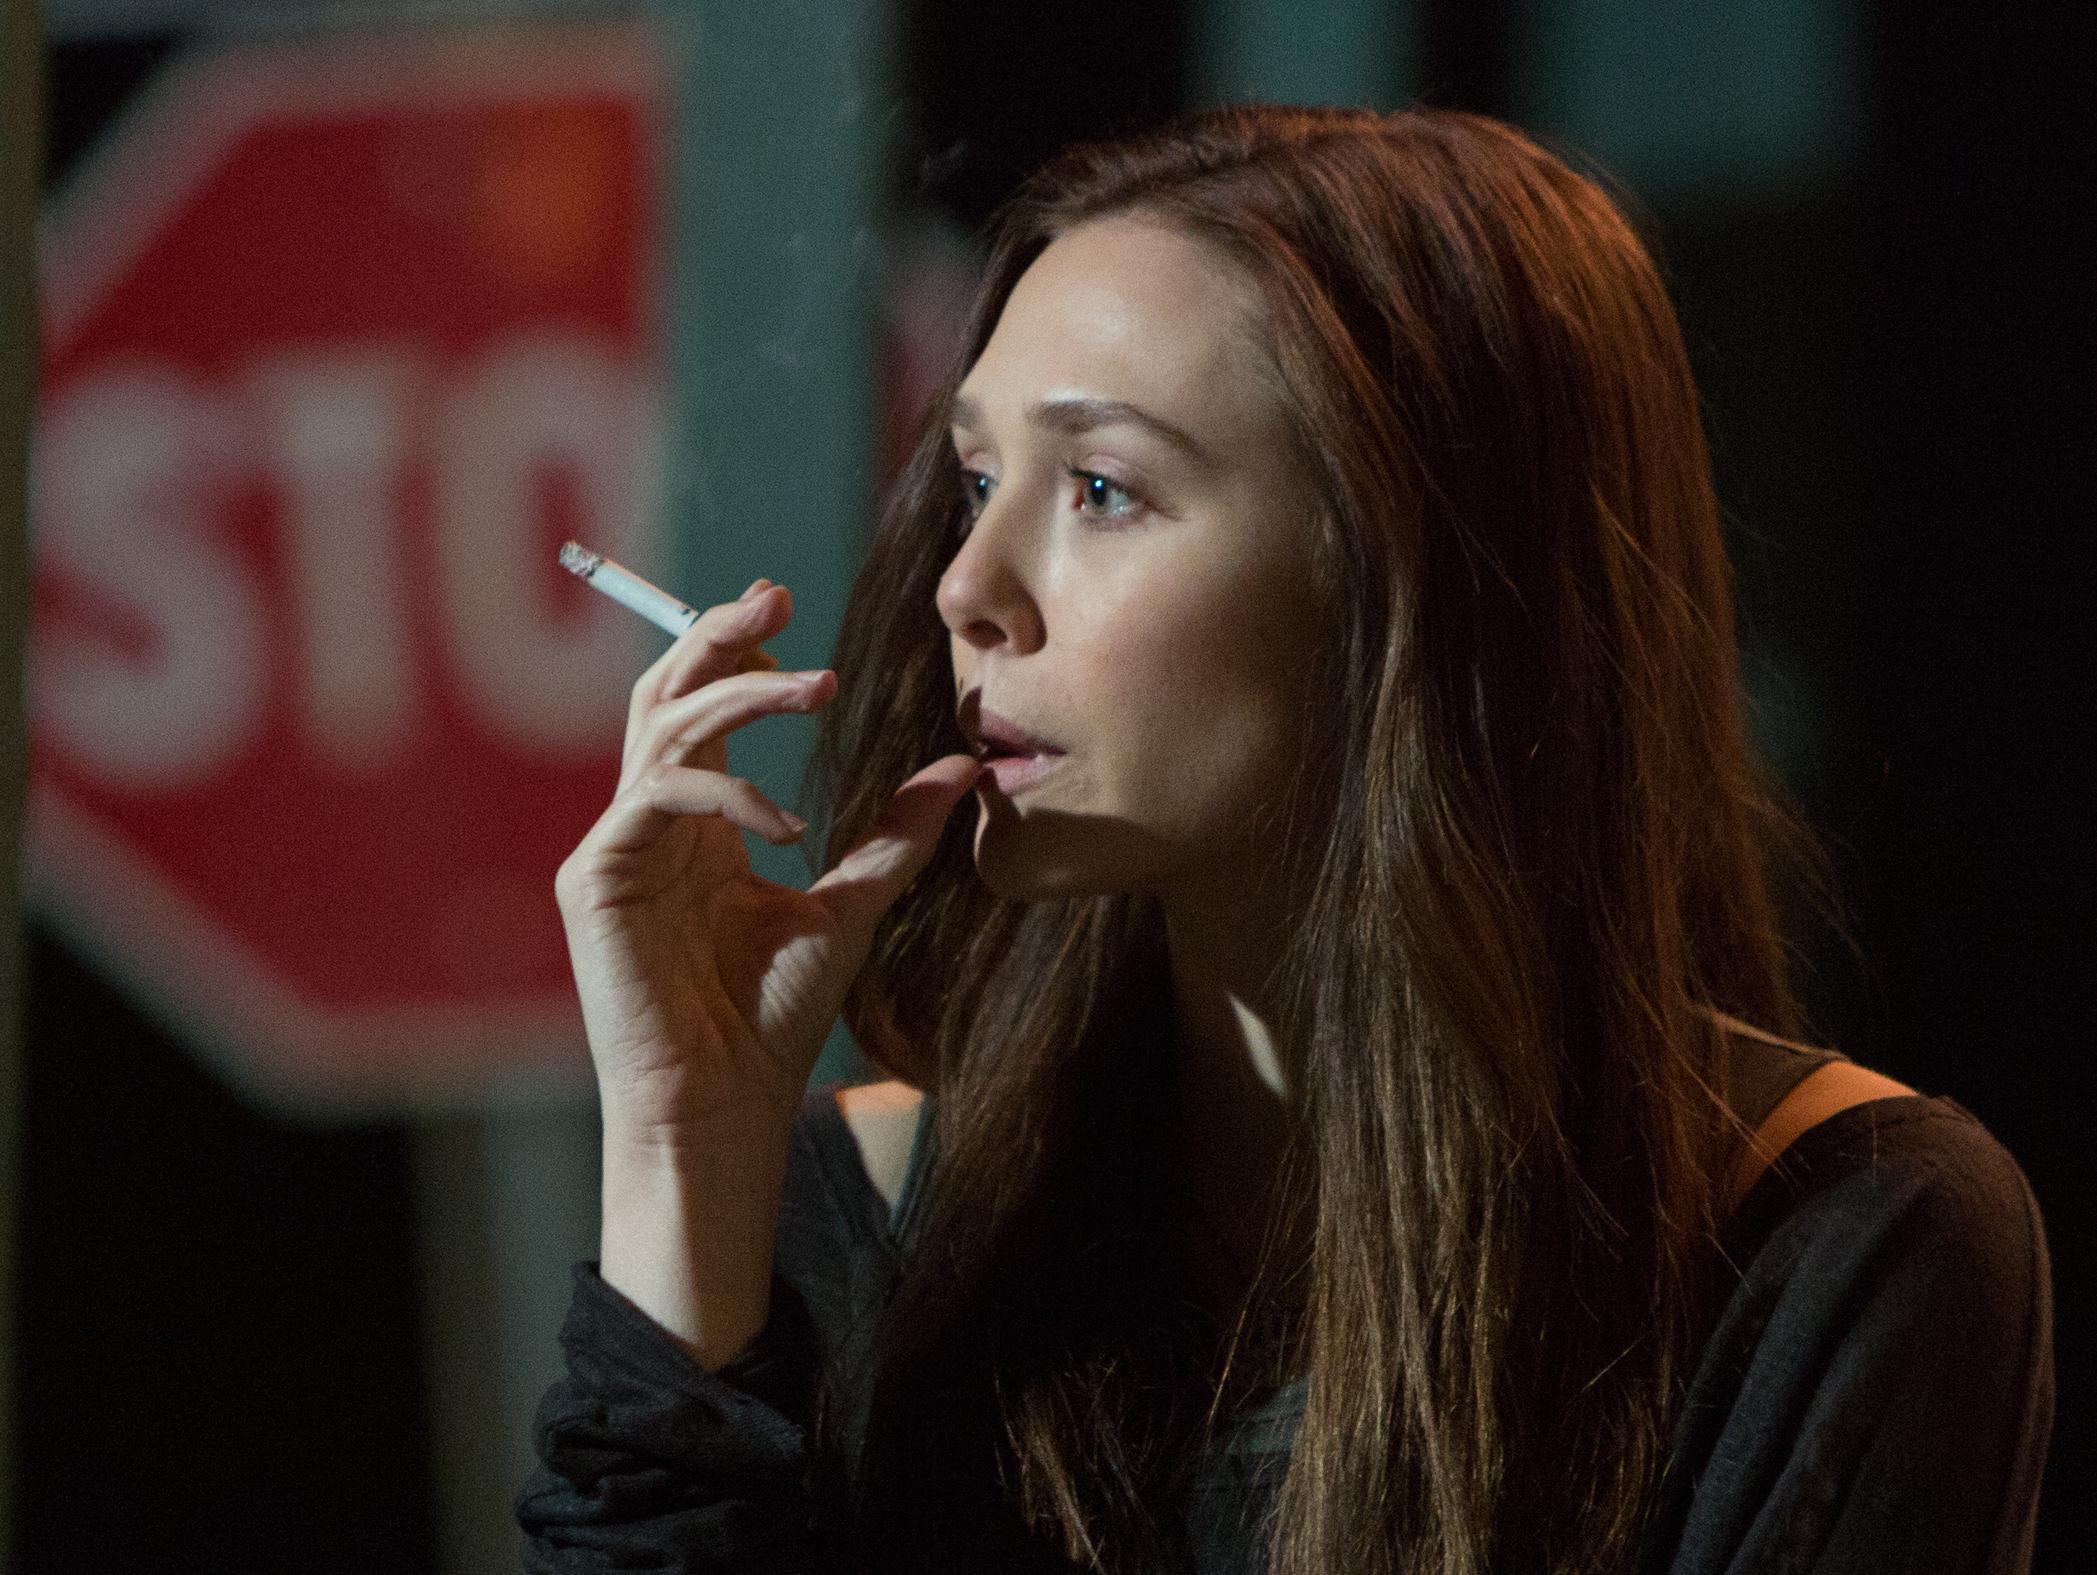 Elizabeth plays with herself in various scenes 5